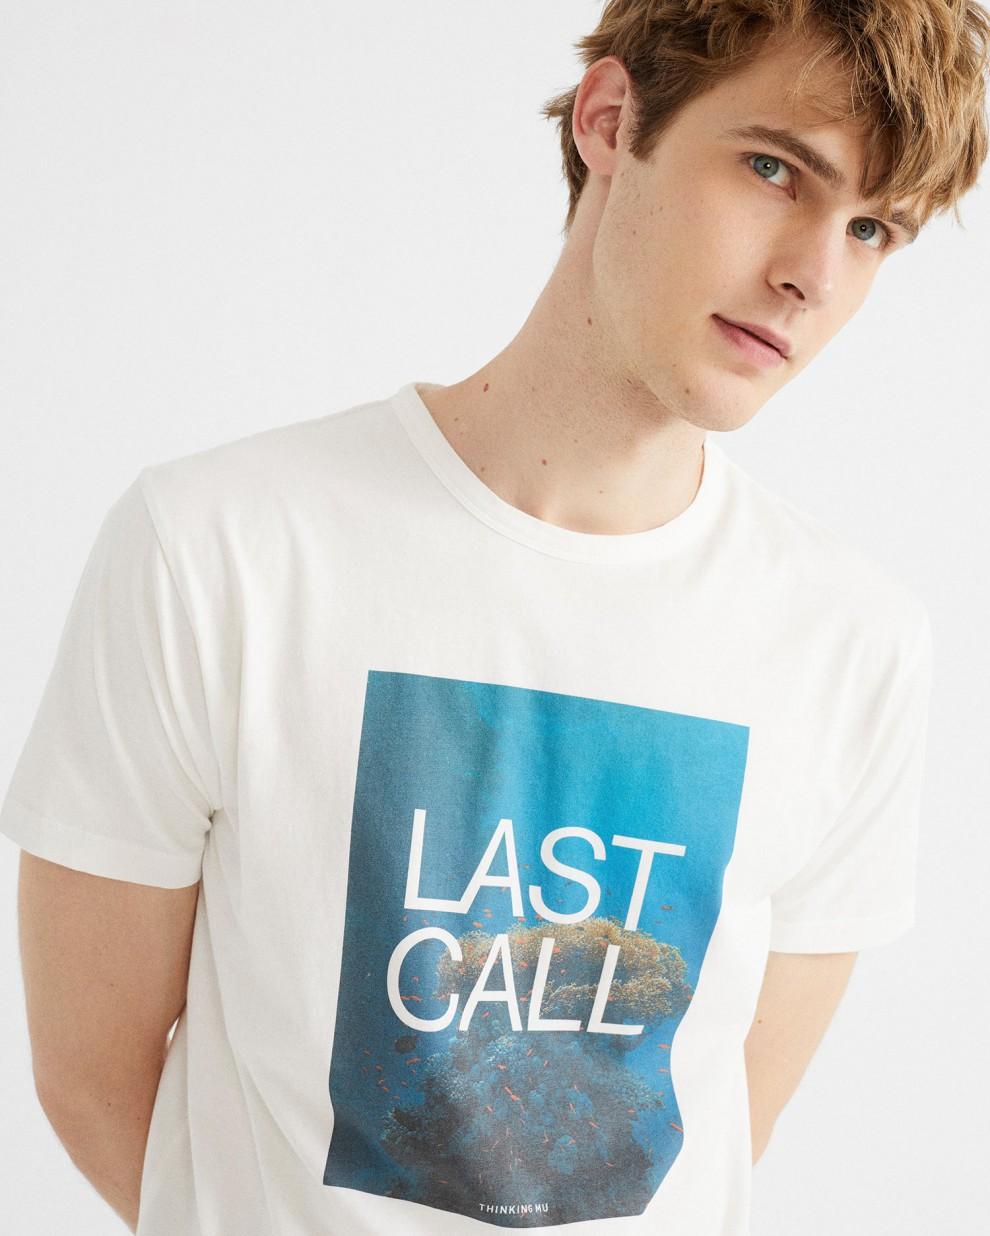 thinking mu last call t shirt